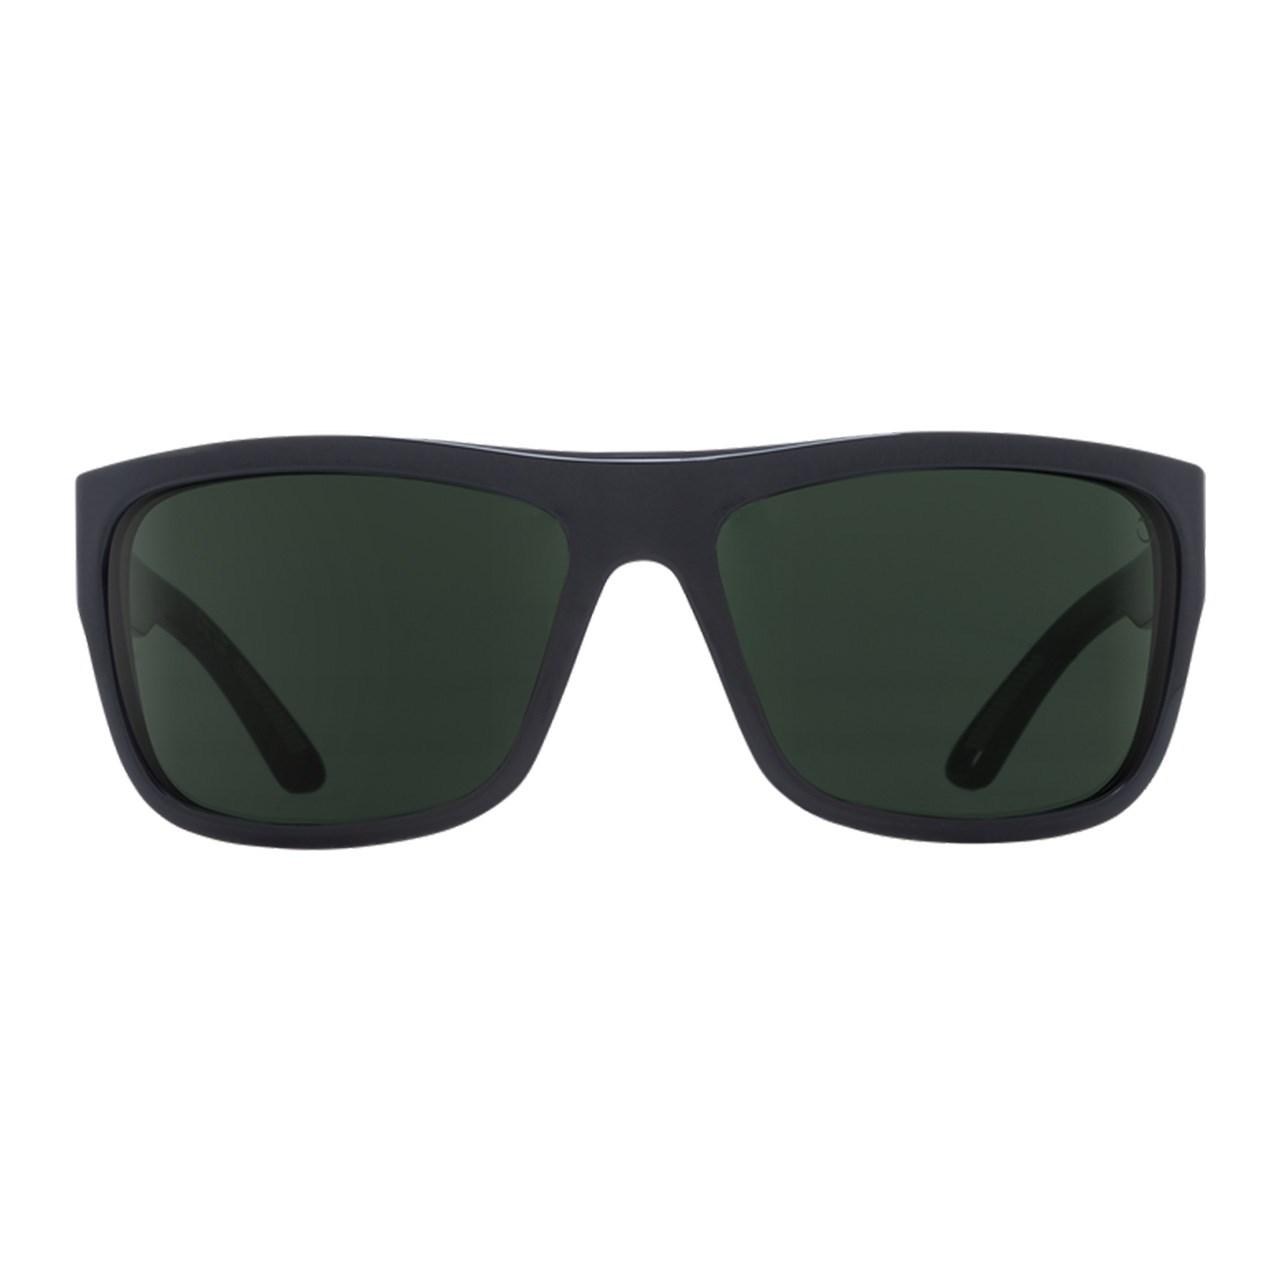 عینک آفتابی اسپای سری Angler مدل Happy Gray Green